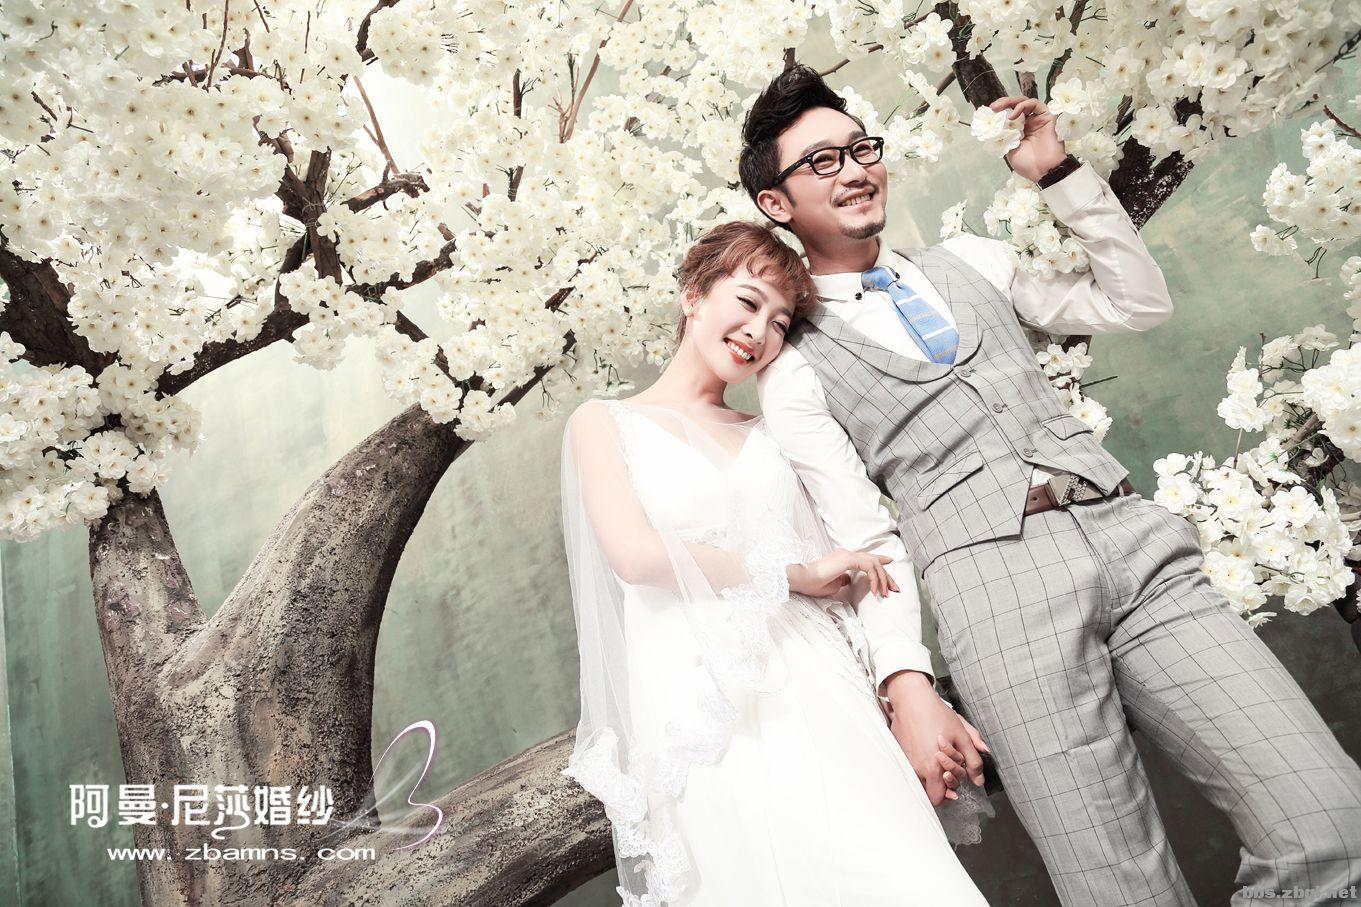 【阿曼尼莎婚纱摄影】-----爱情树下